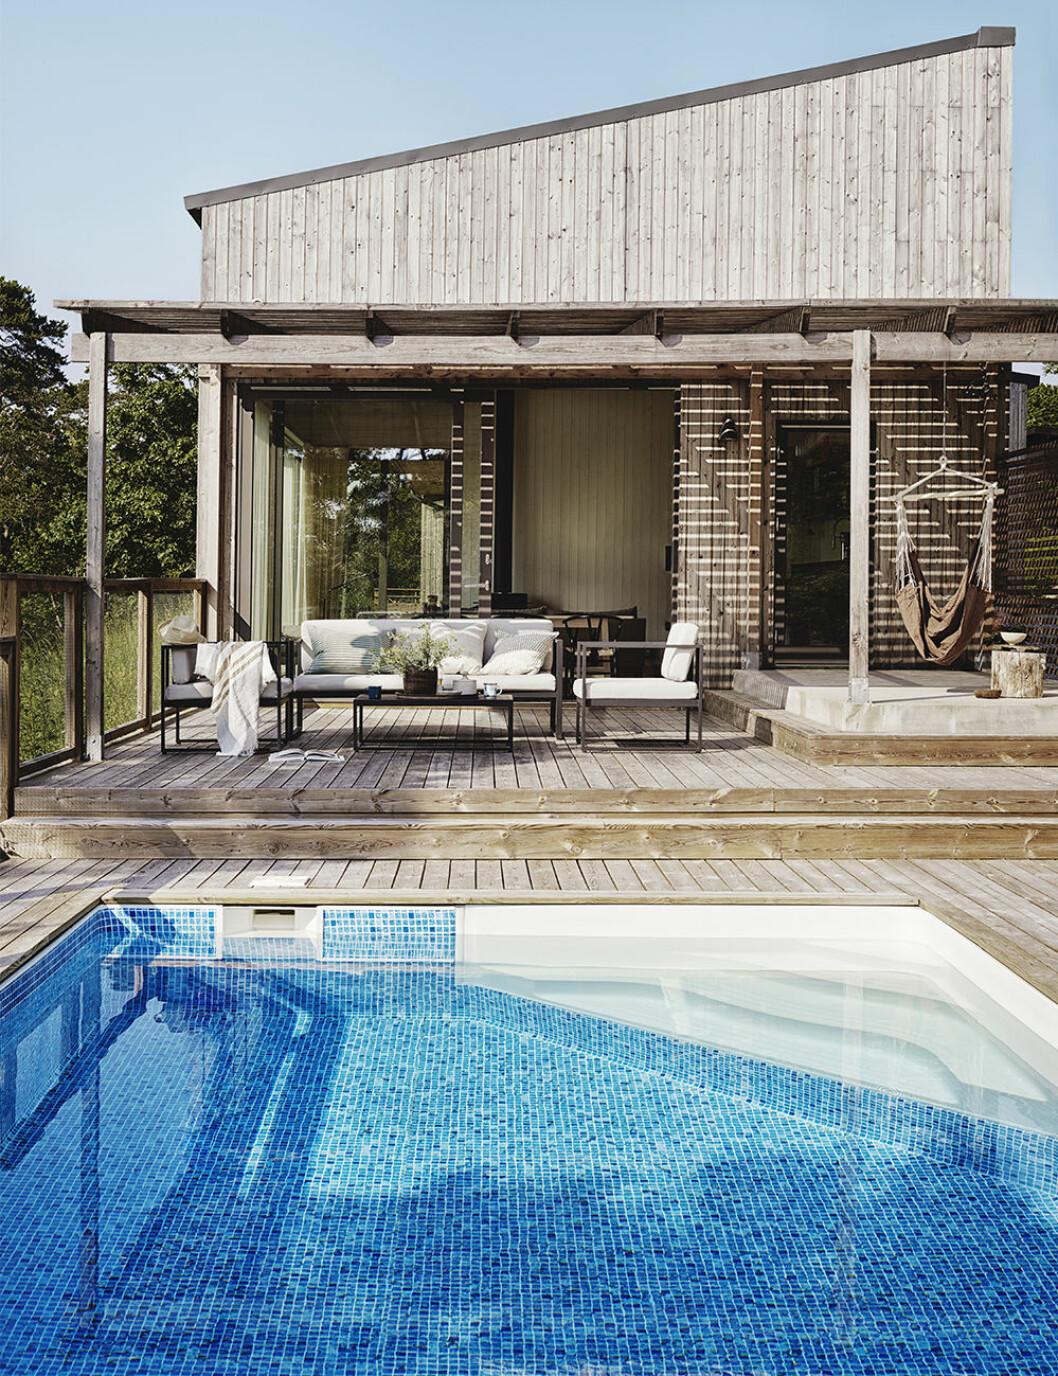 Fixa stilen på uteplatsen och vid poolen i sommar